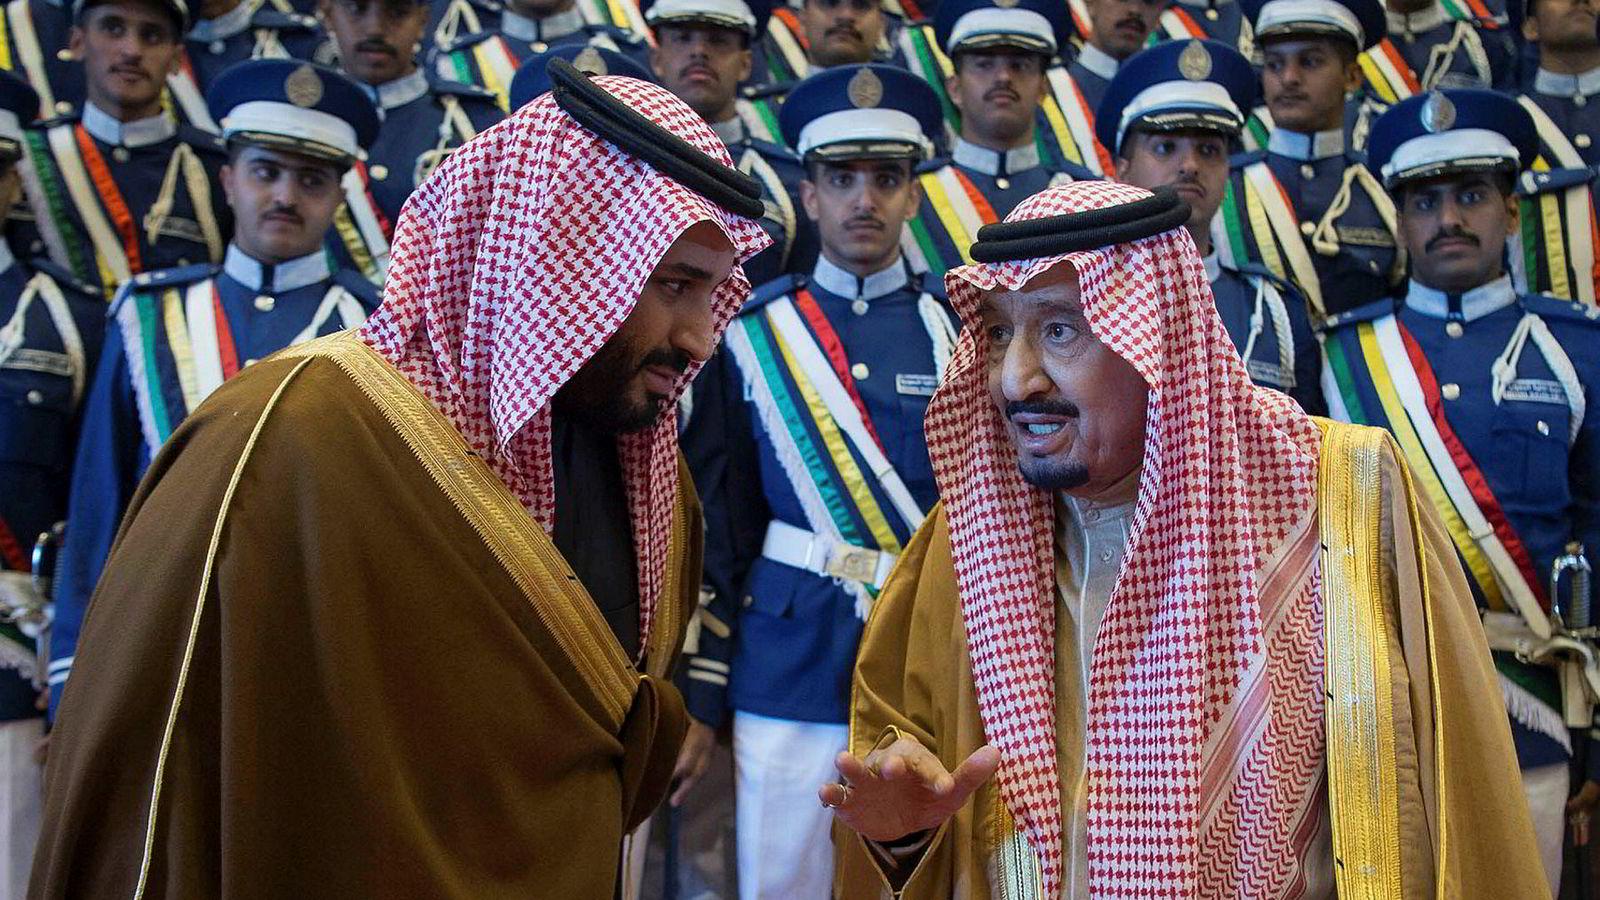 Saudi-Arabias konge Salman bin Abdulaziz (til høyre) og kronprins Mohammed bin Salman (til venstre) har kondolert dødsfallet til Jamal Khashoggi overfor Khashoggia familie.